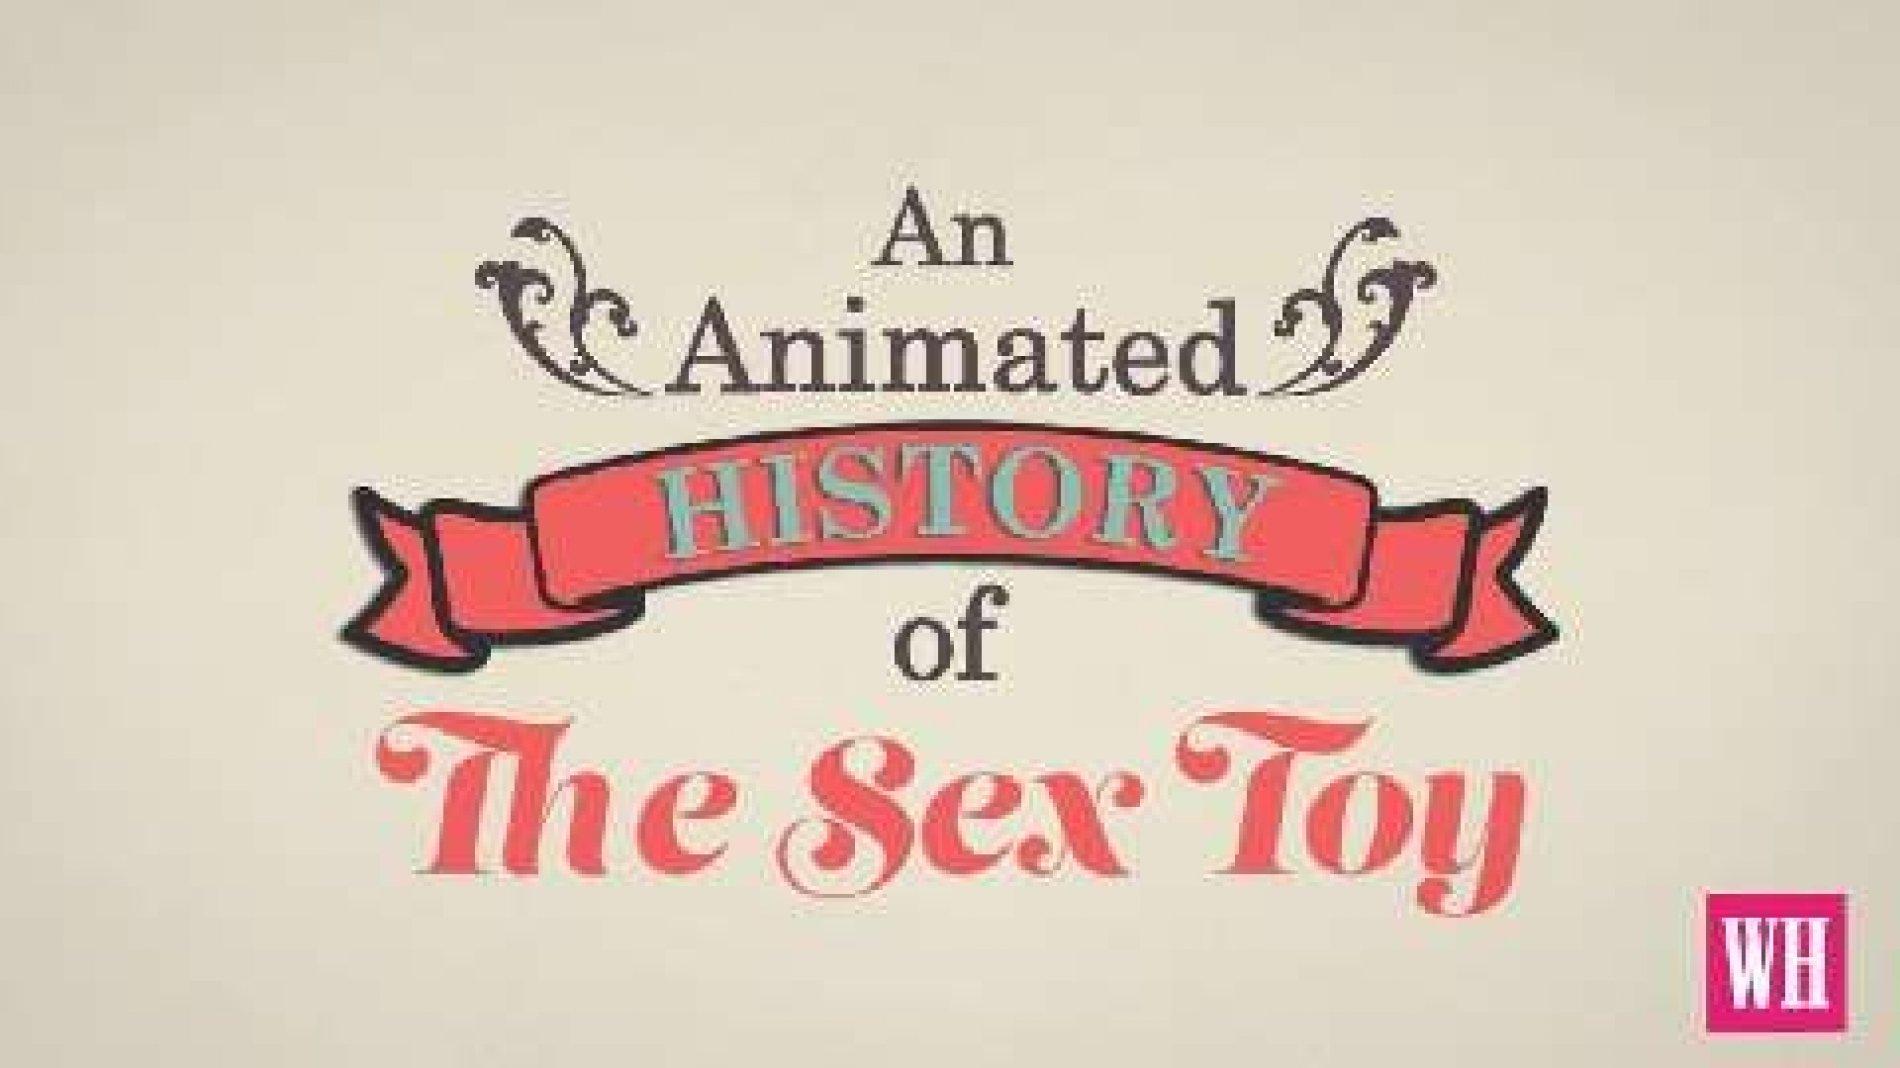 Seks geschiedenis: De geschiedenis van seksspeeltjes